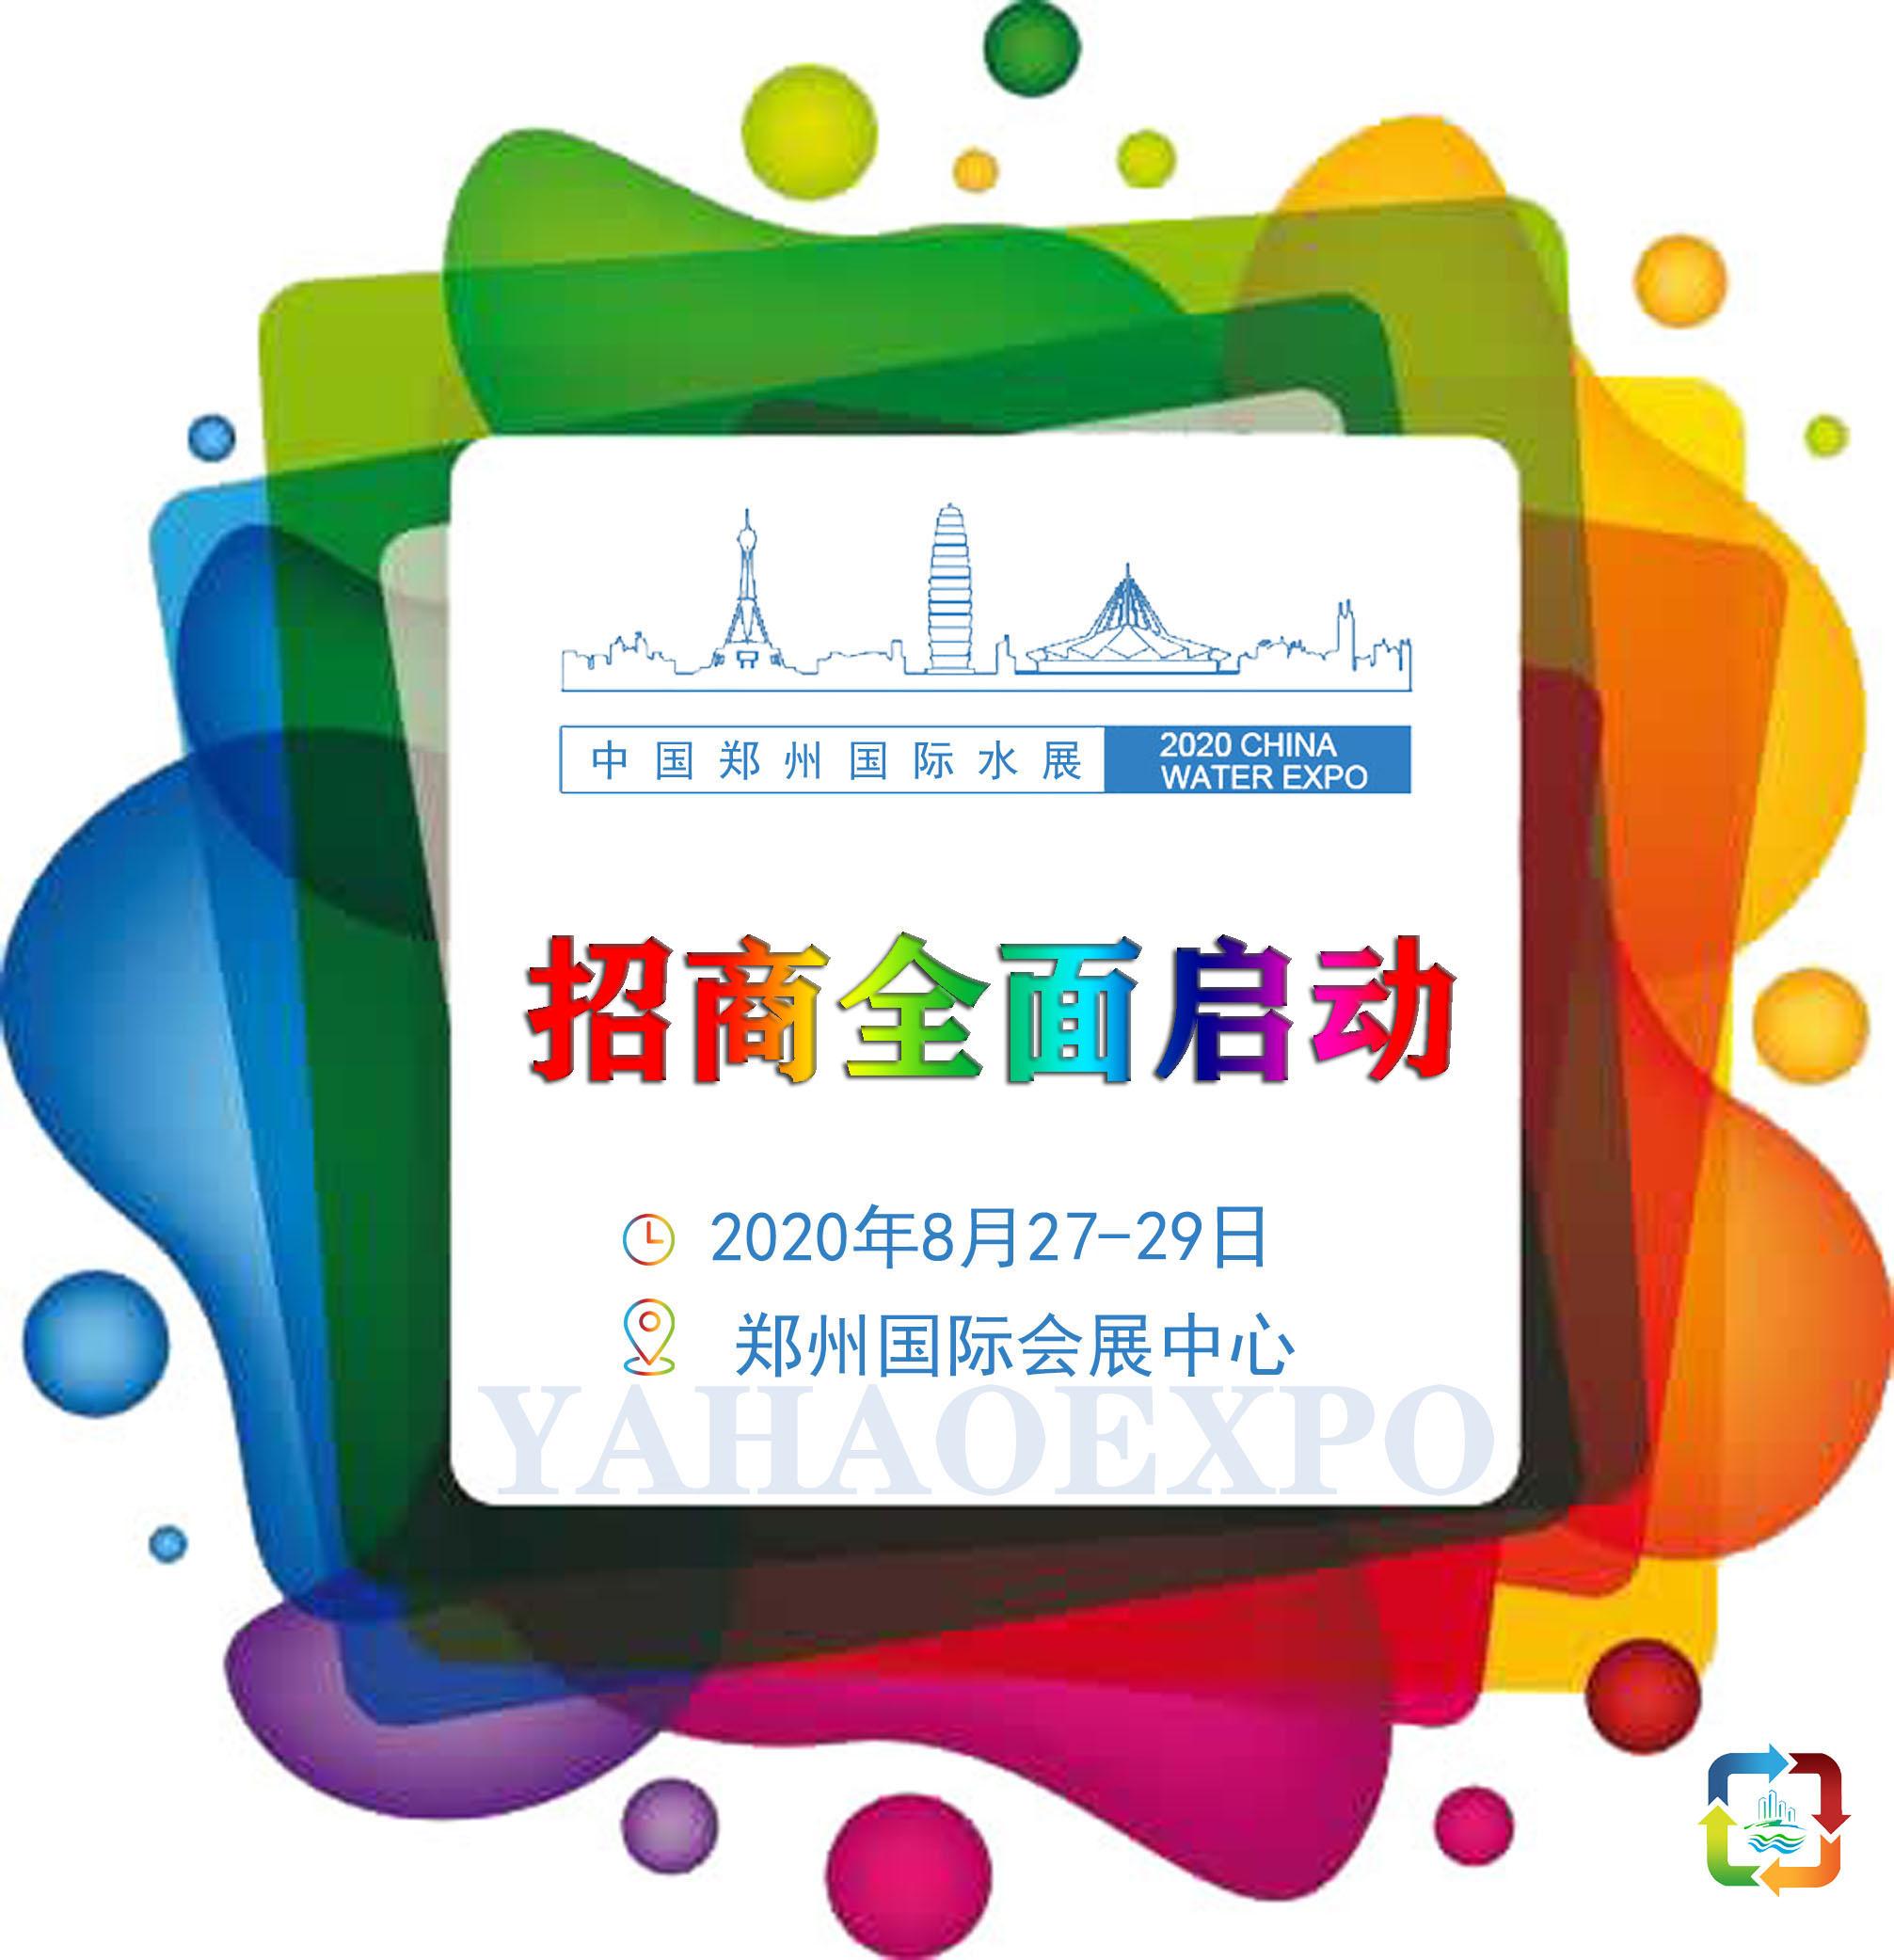 2020第五届中国(郑州)国际水展暨城镇水务给排水技术设备与水处理博览会